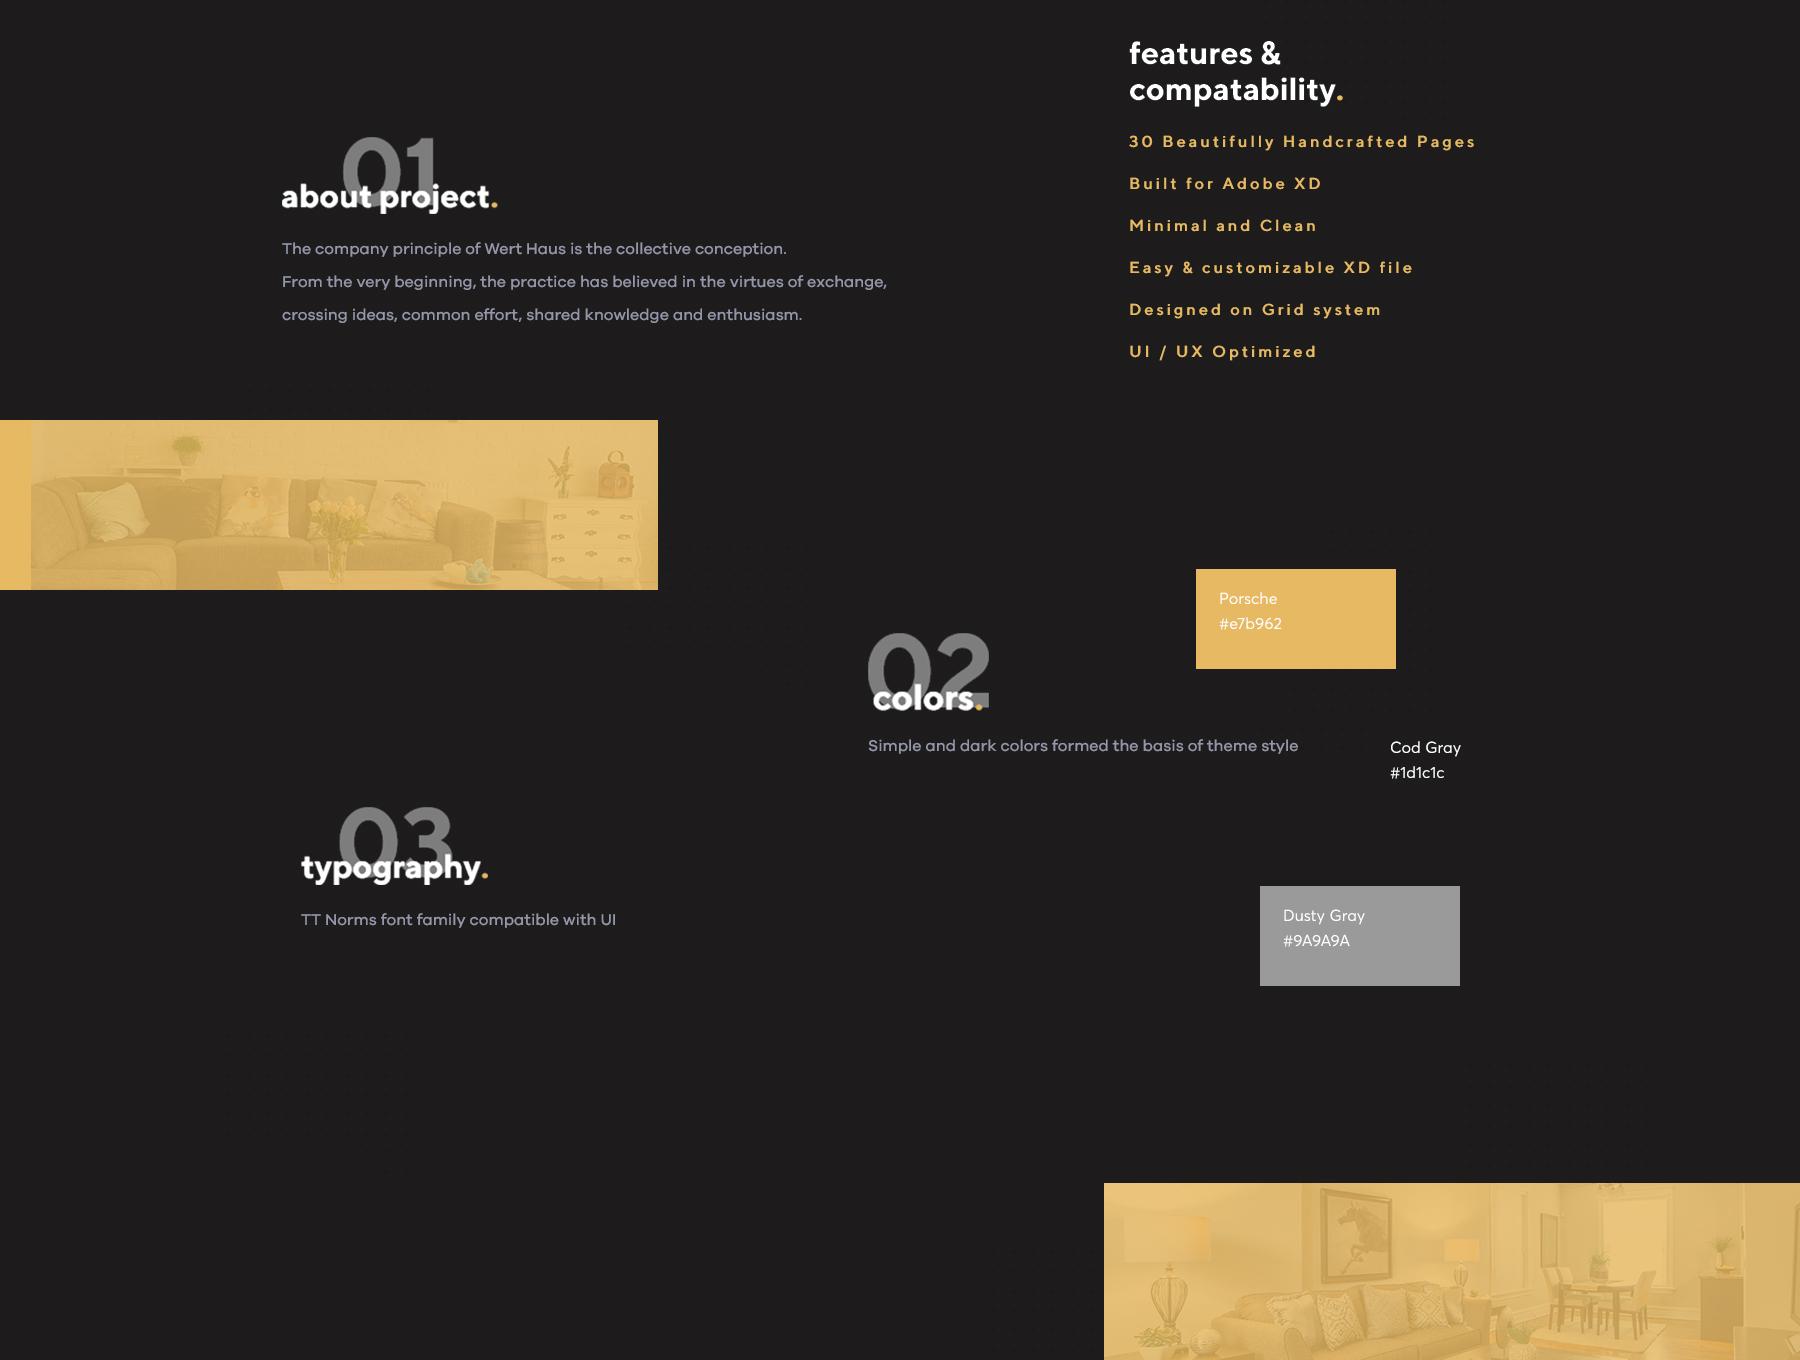 时尚简约建筑室内设计师电脑手机网站UI工具包  Werthaus Architecture UI Kit插图(1)